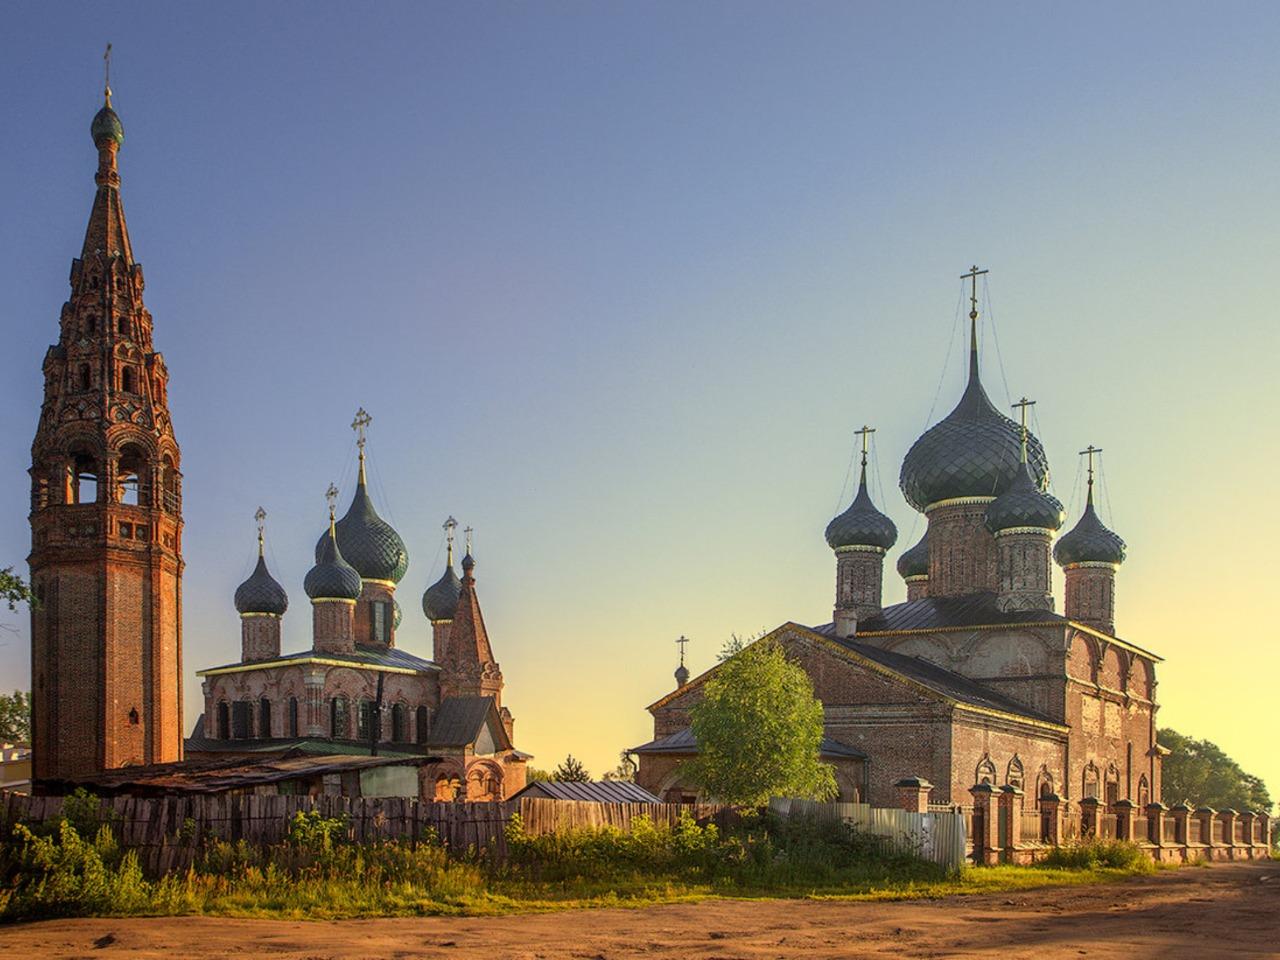 Неизвестный Ярославль - индивидуальная экскурсия в Ярославле от опытного гида